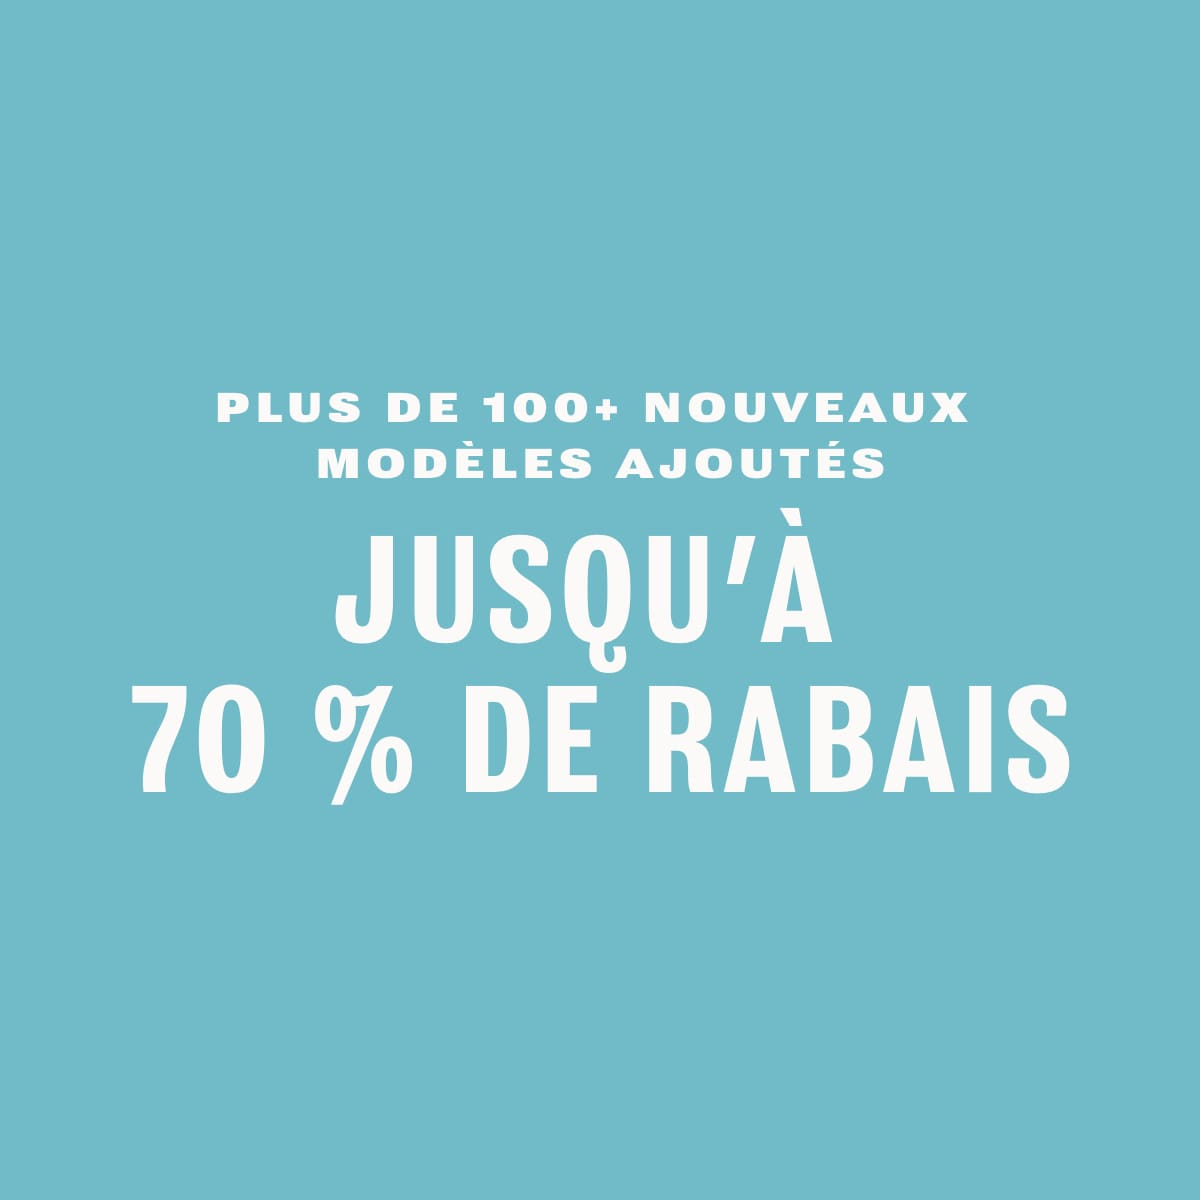 PLUS DE 100 NOUVEAUX MODÈLES AJOUTÉS JUSQU'À 70 % DE RABAIS